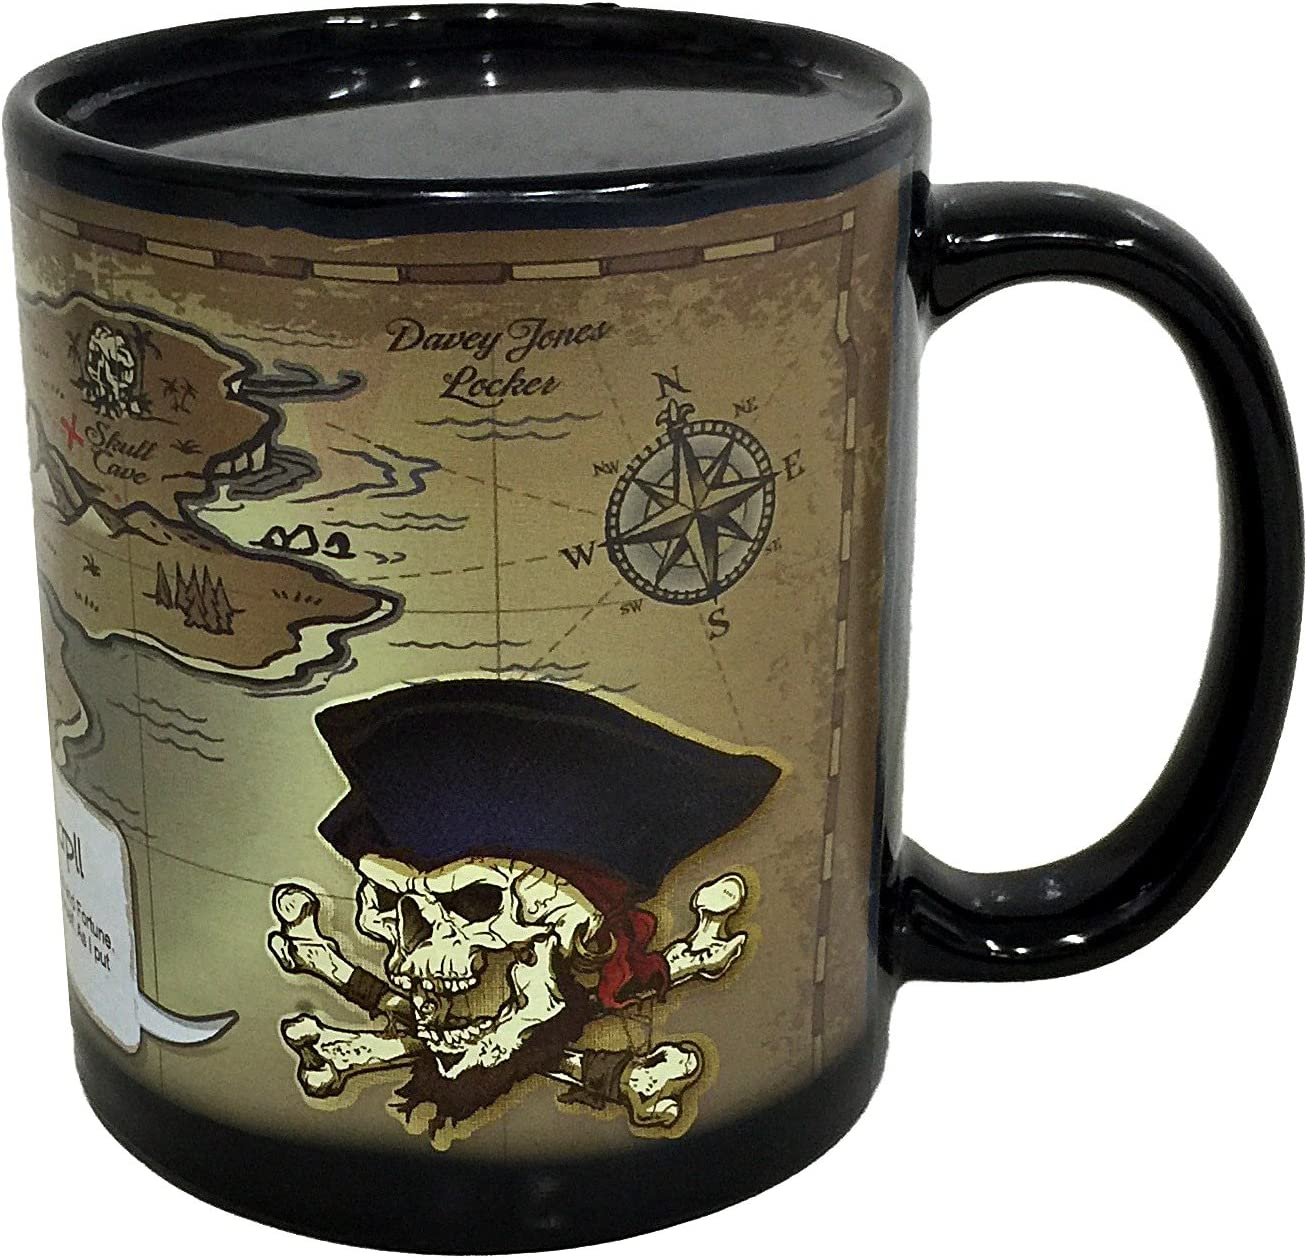 Tesoro dei pirati mappa teschio nero Design,Filtro lavabile in polvere e copri bocca riutilizzabile Faccia in antivento